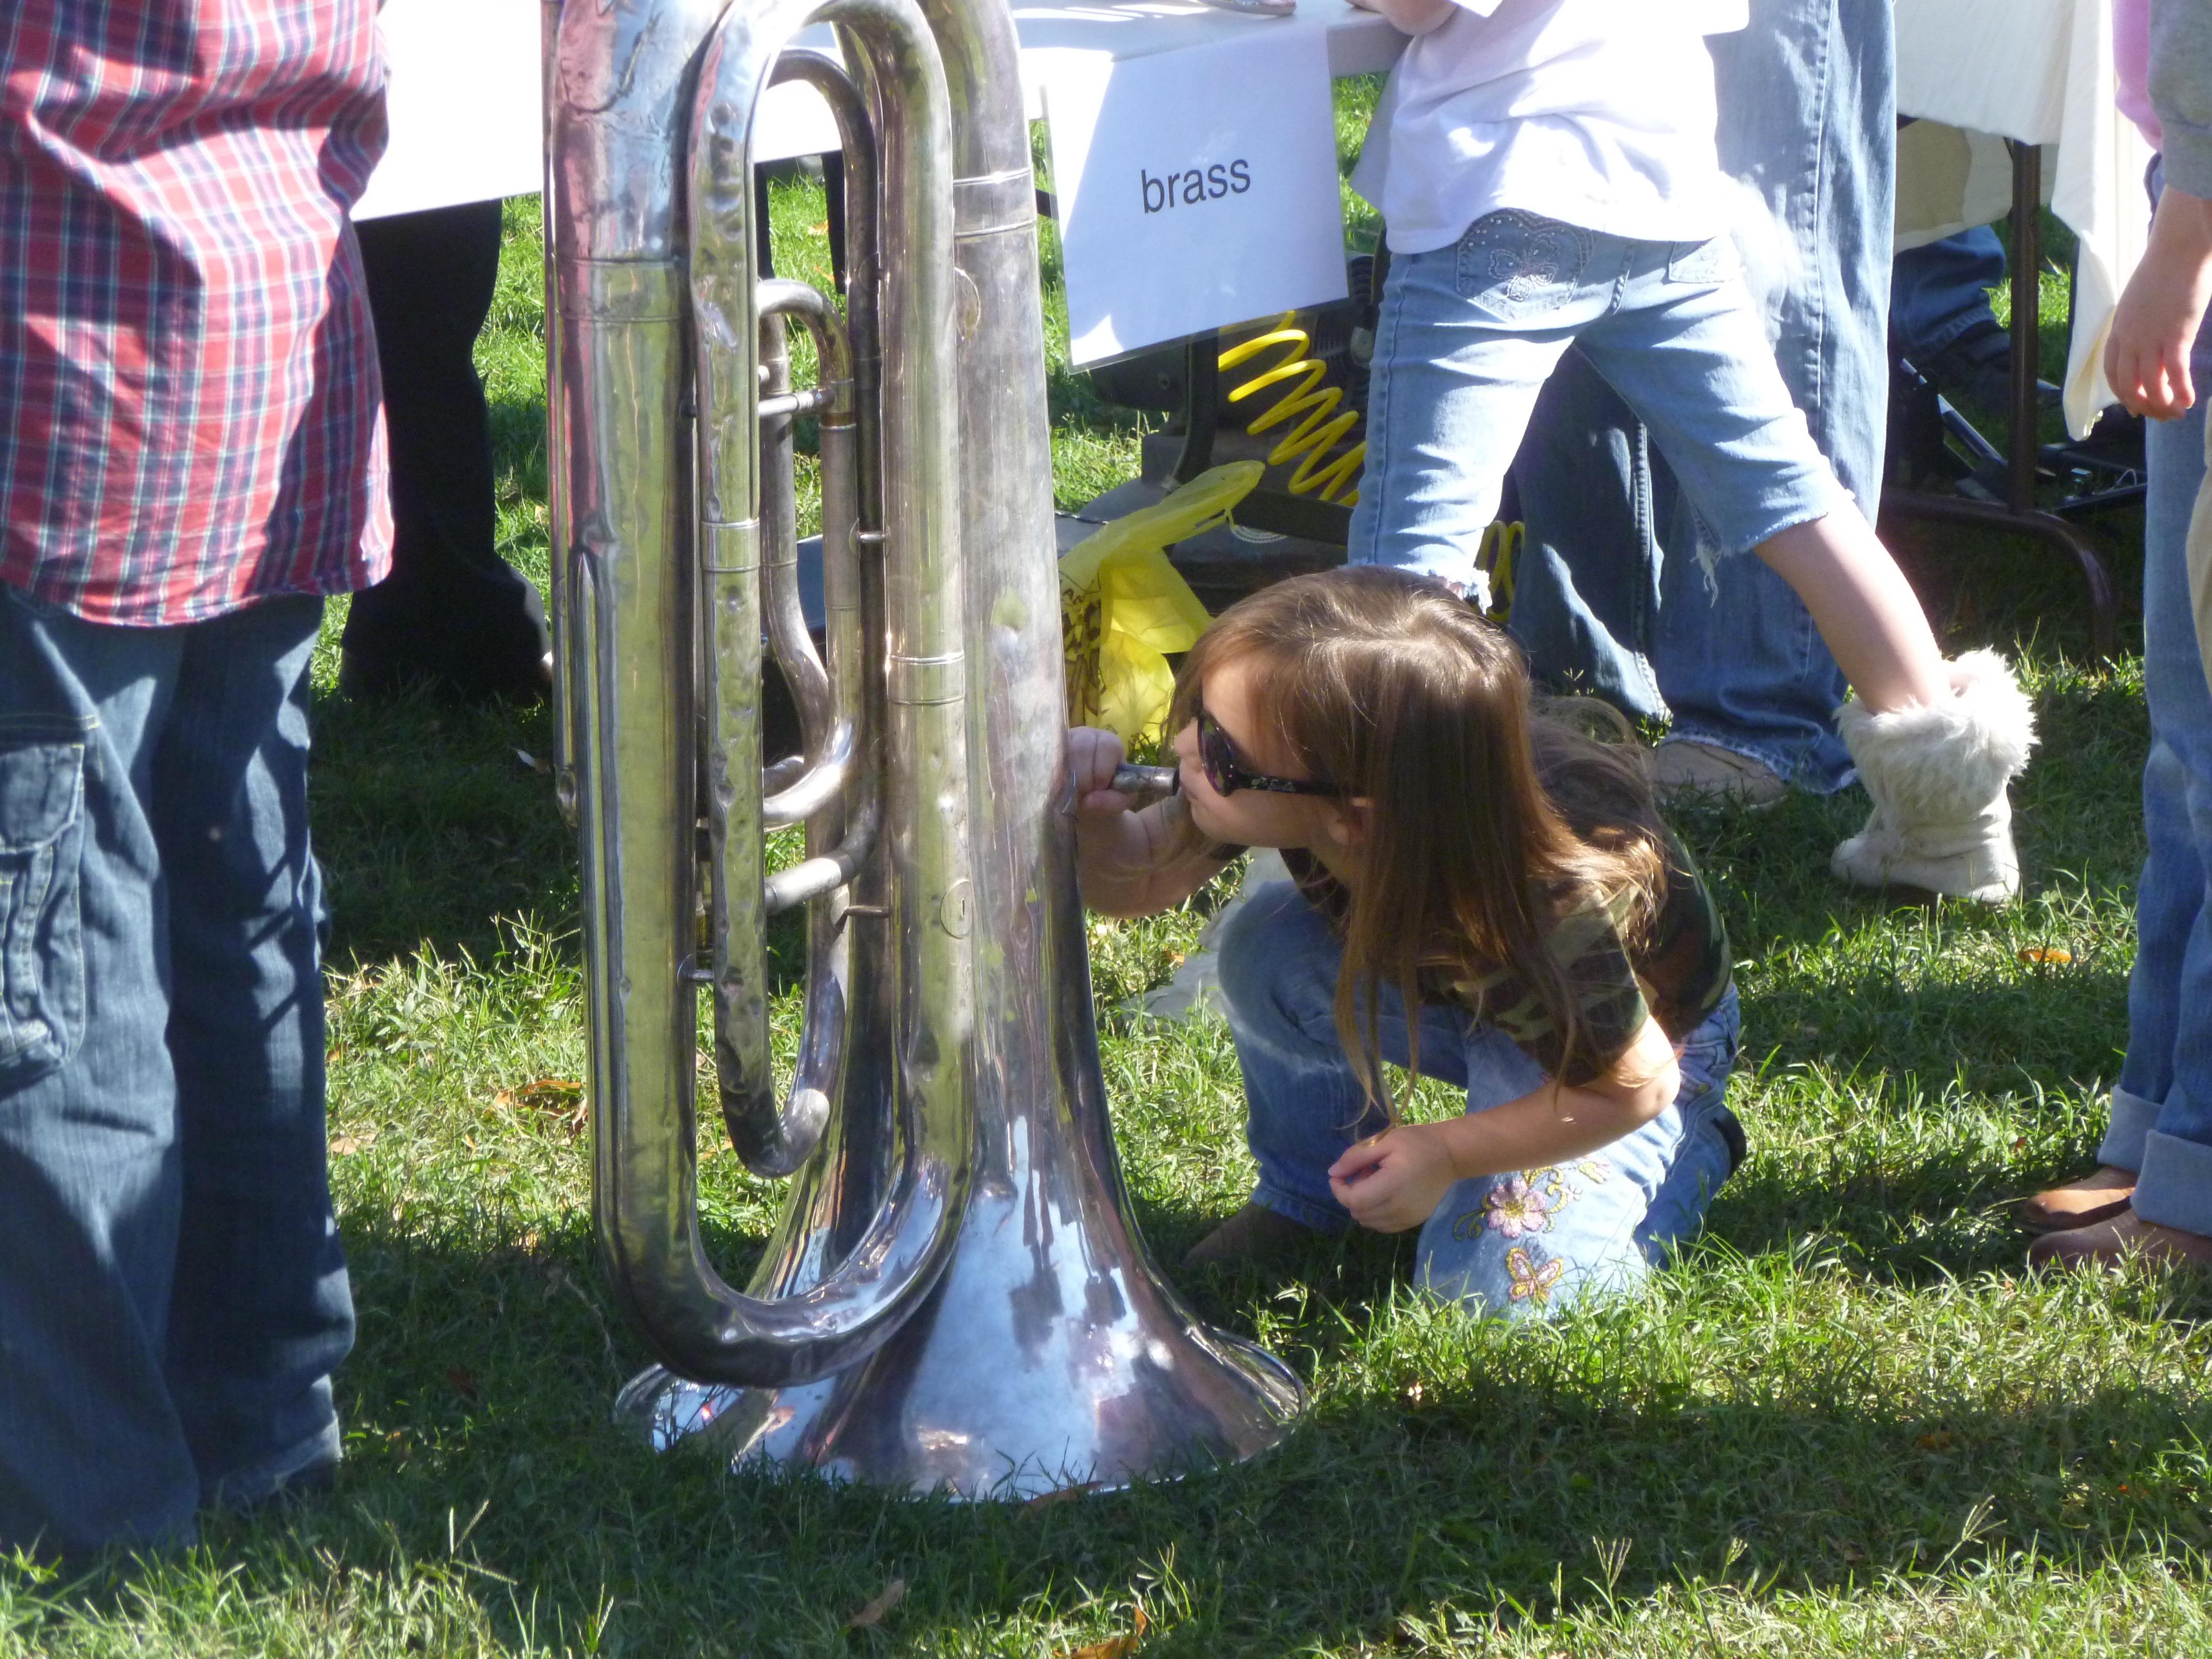 zoo tuba upsidedown